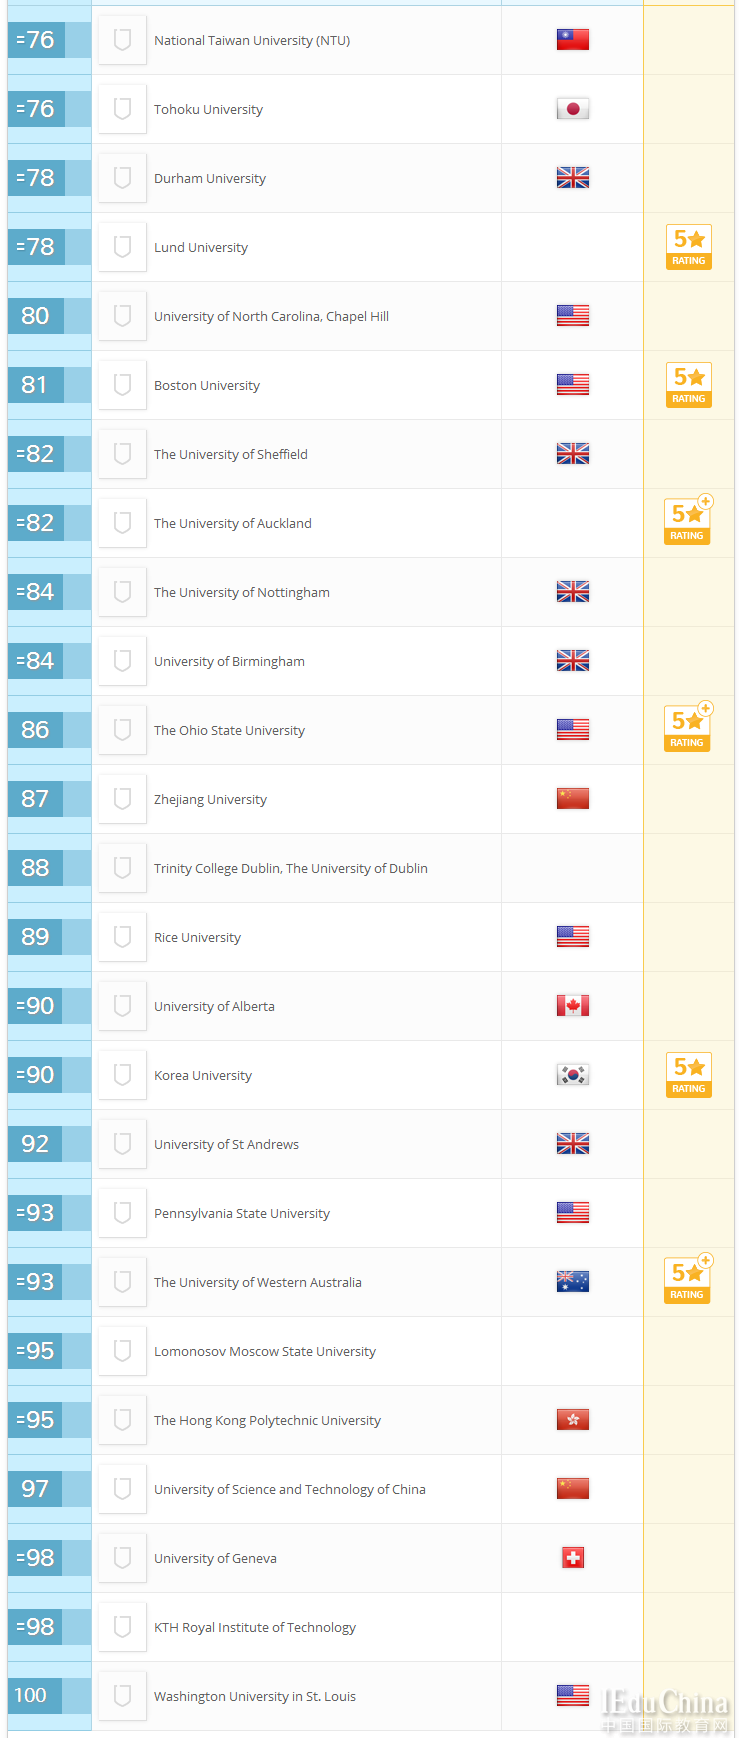 2018QS世界大学排名最新出炉 麻省理工获六连冠